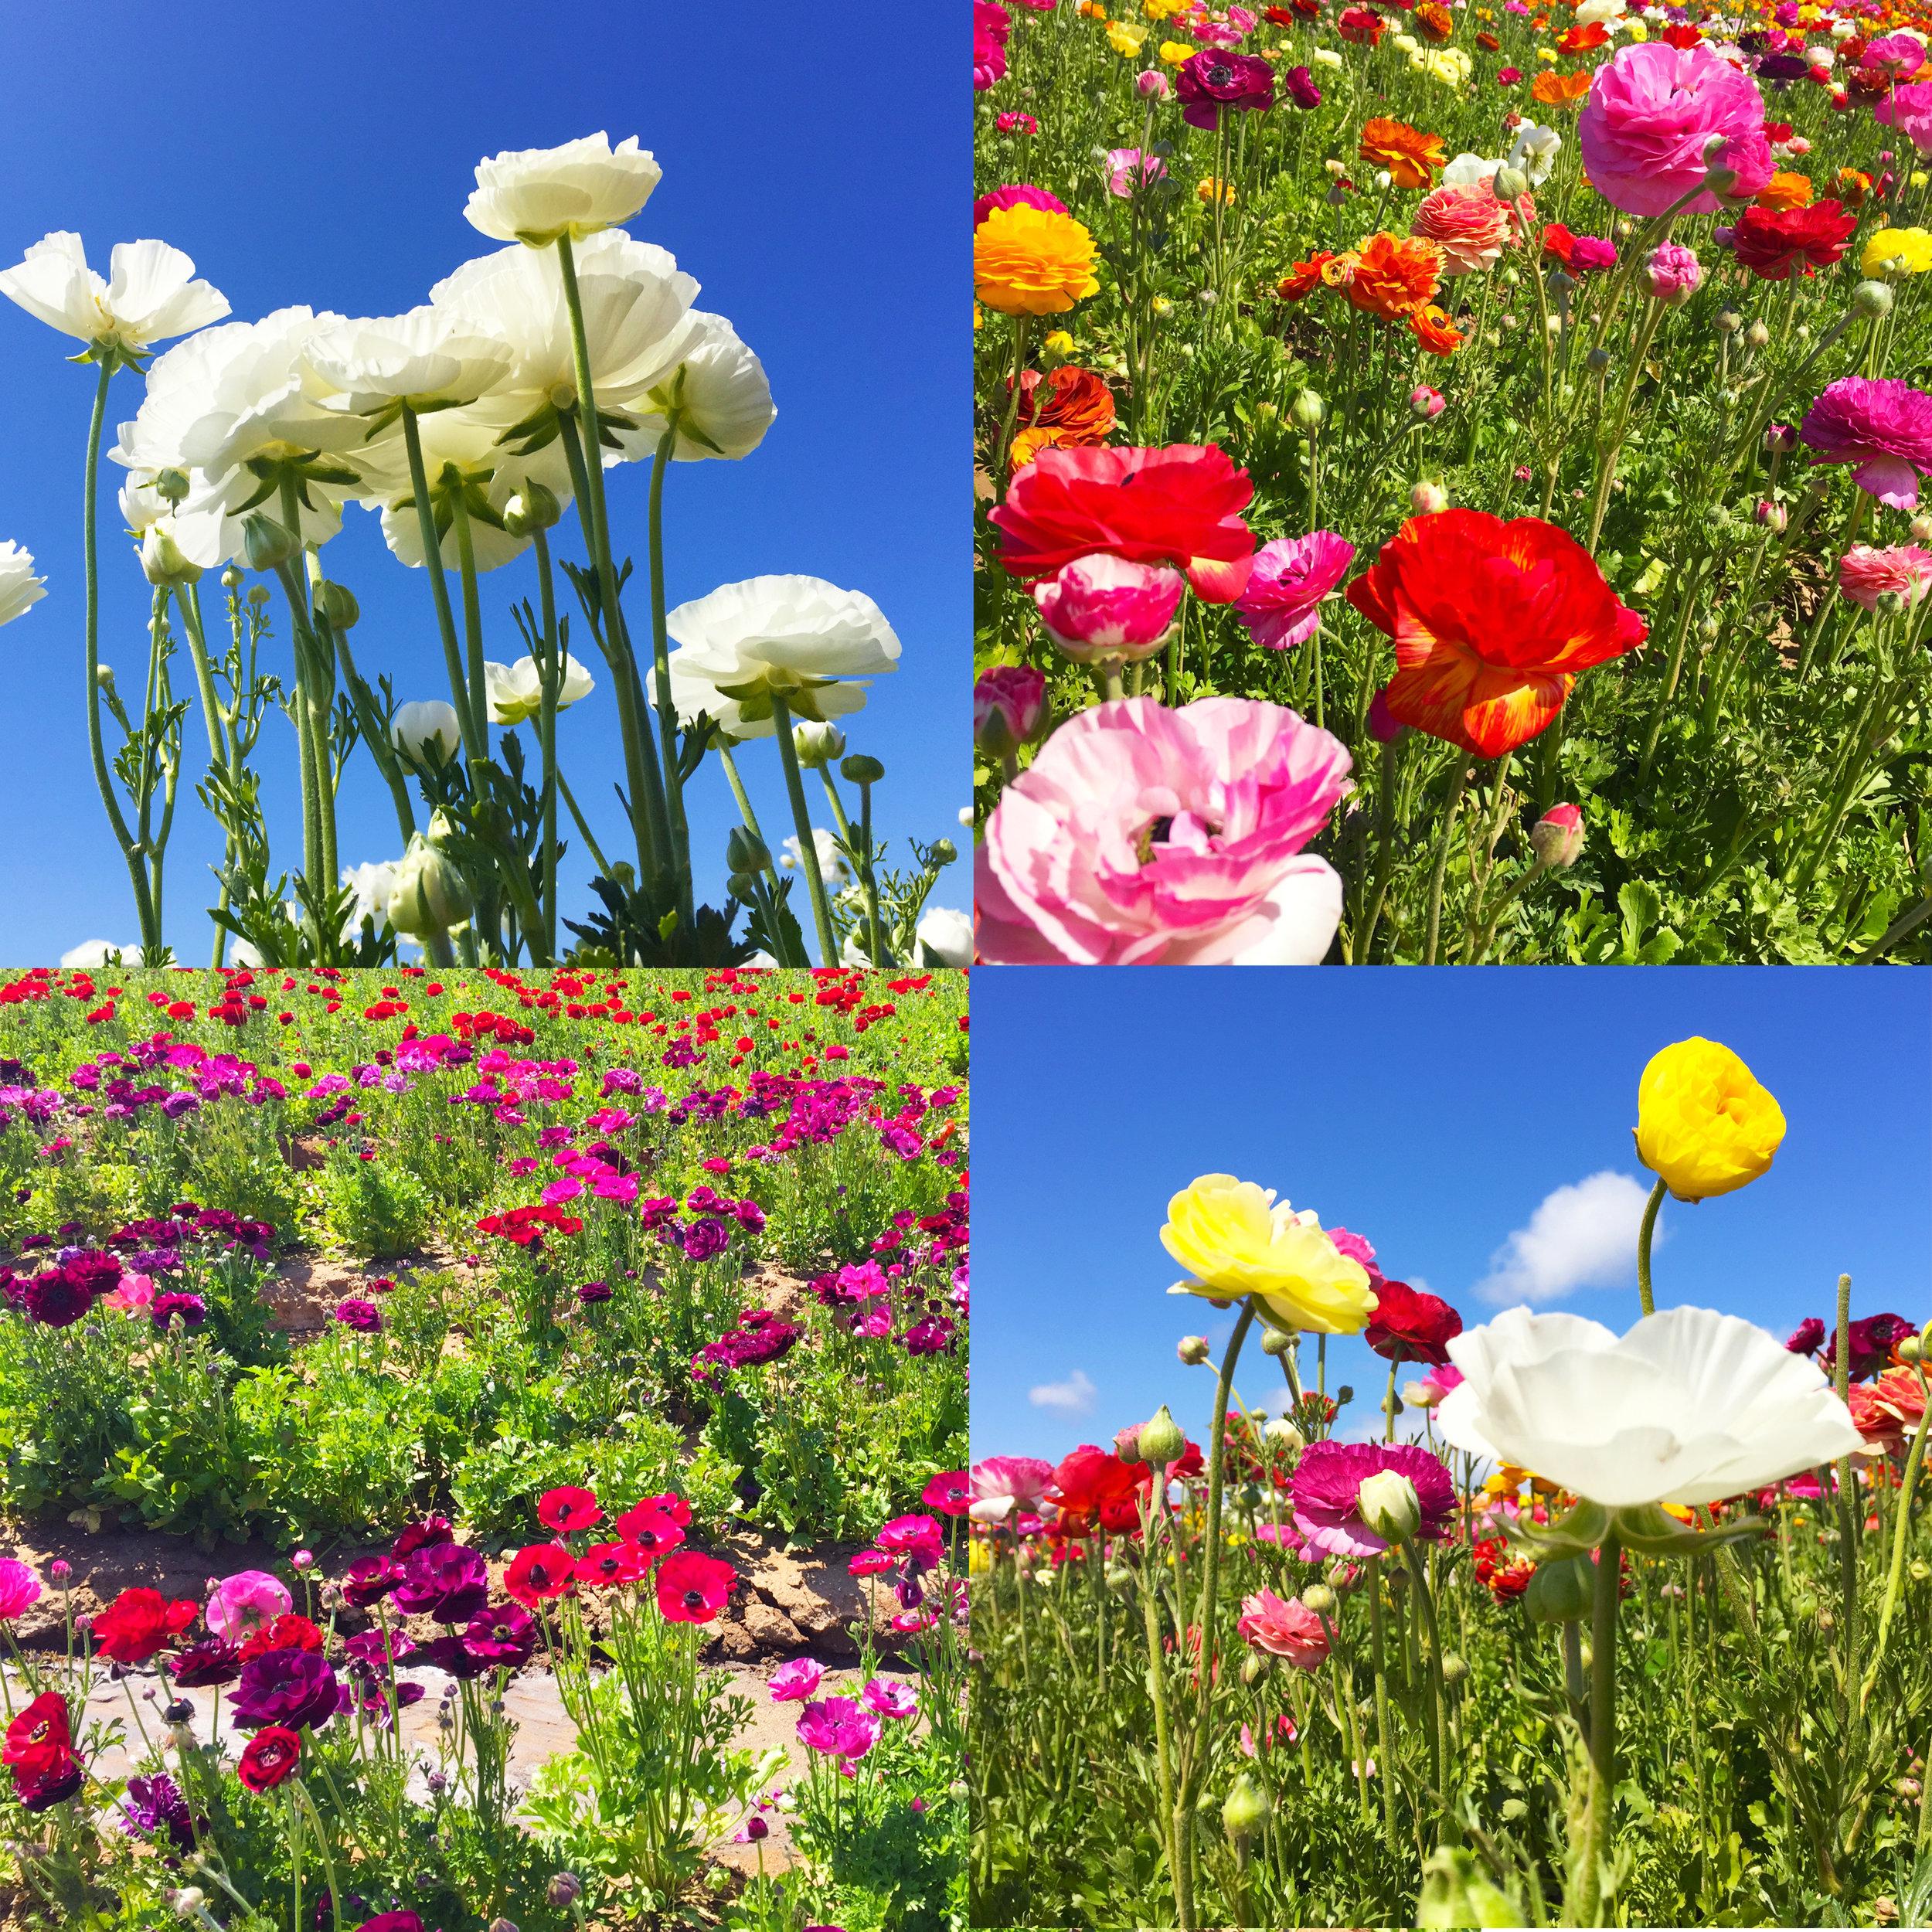 FLOWER FIELDS 2.jpg